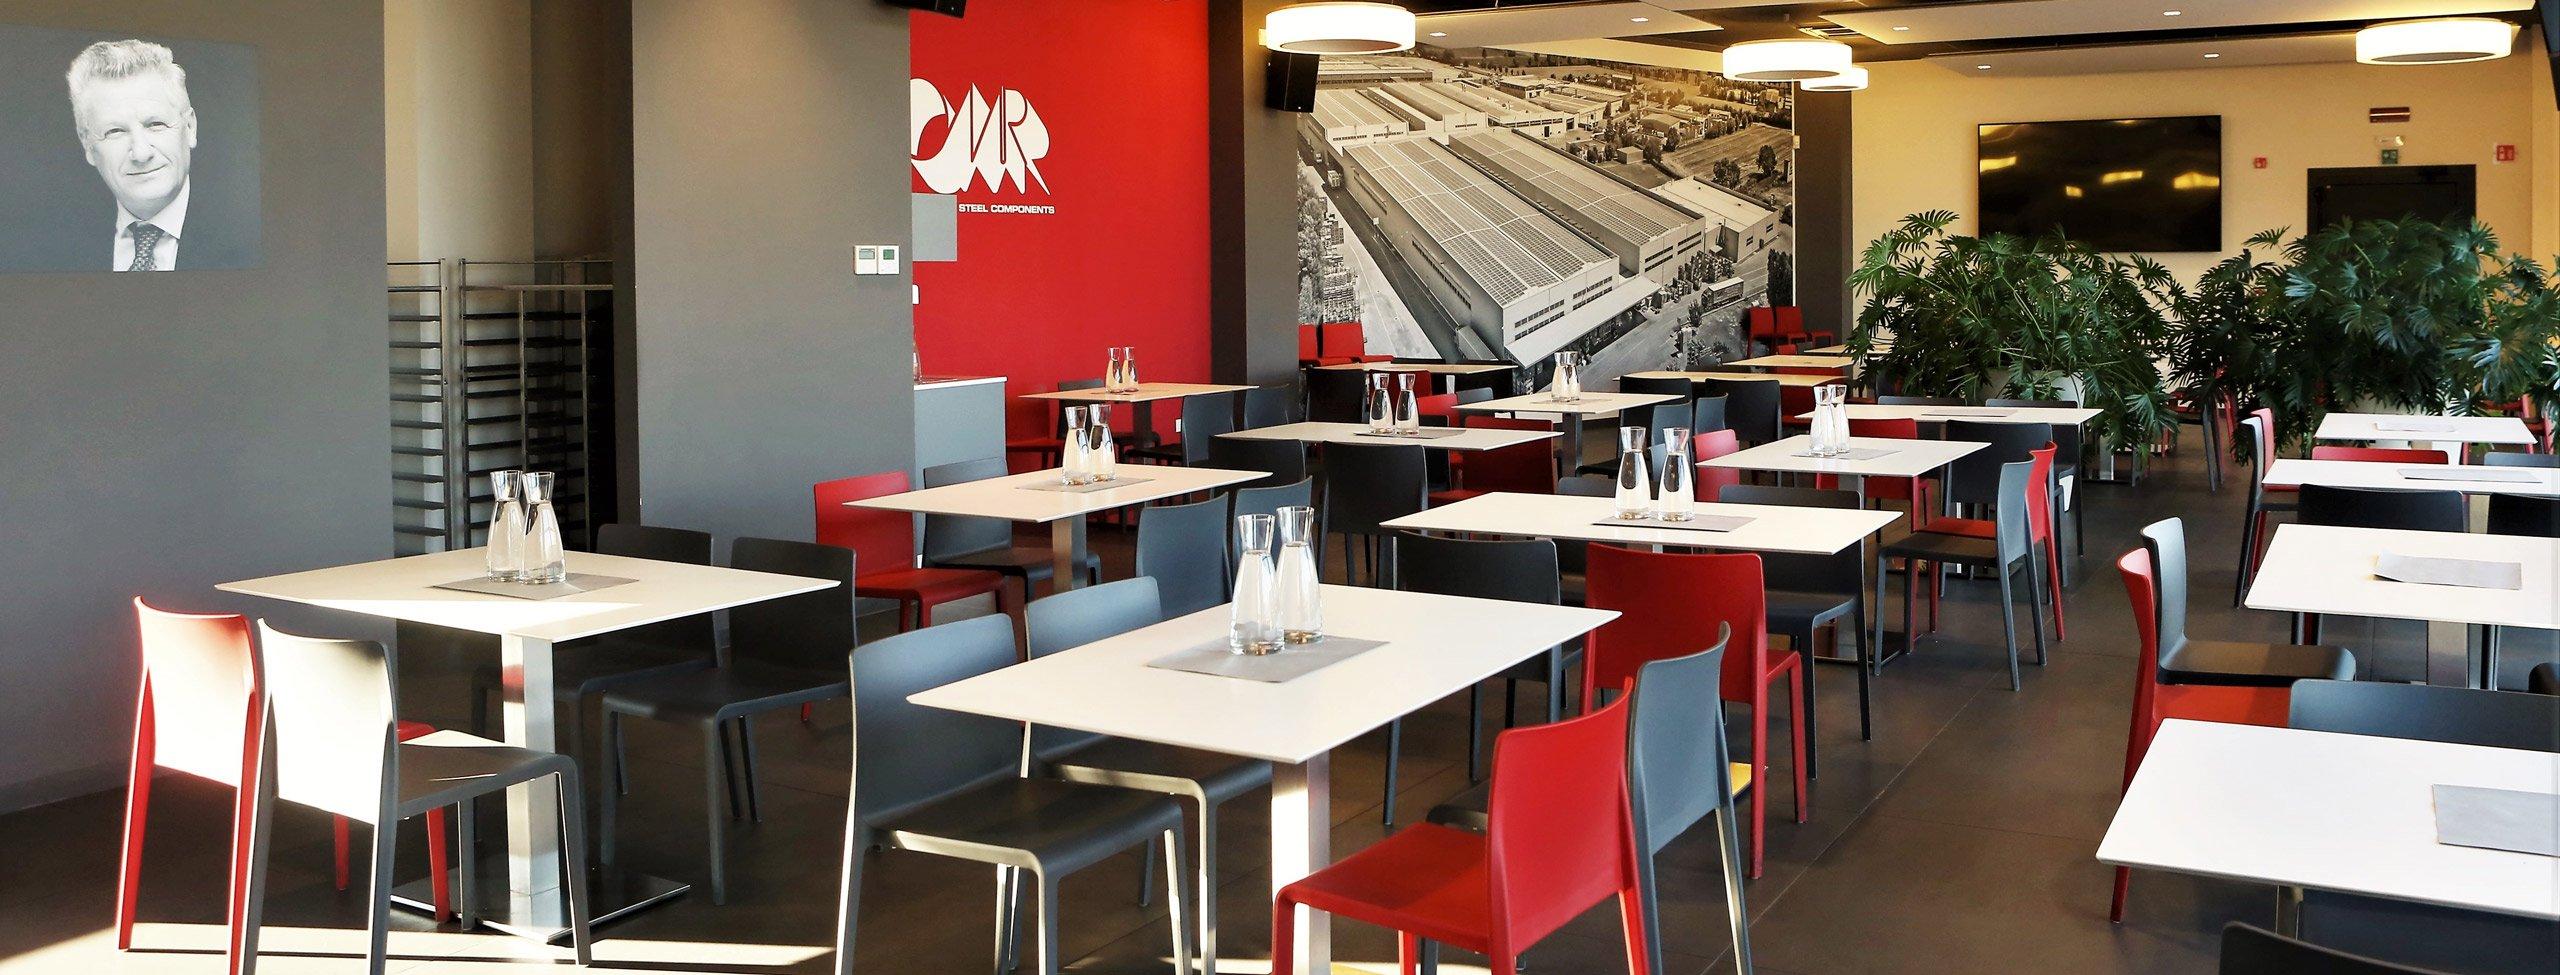 ristorazione aziendale